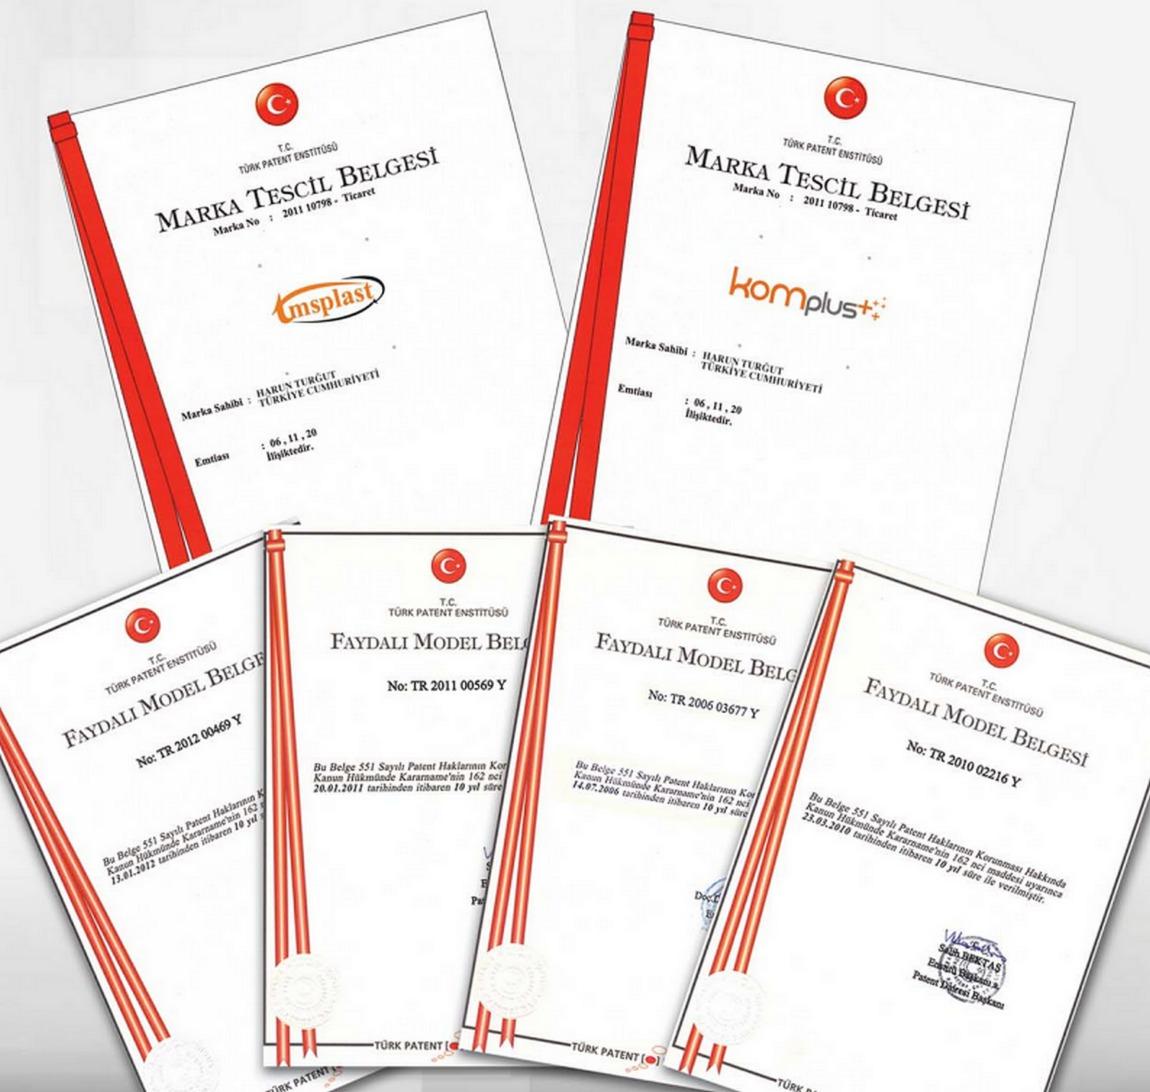 Komplus kalite belgerimiz ve sertifikalarımız